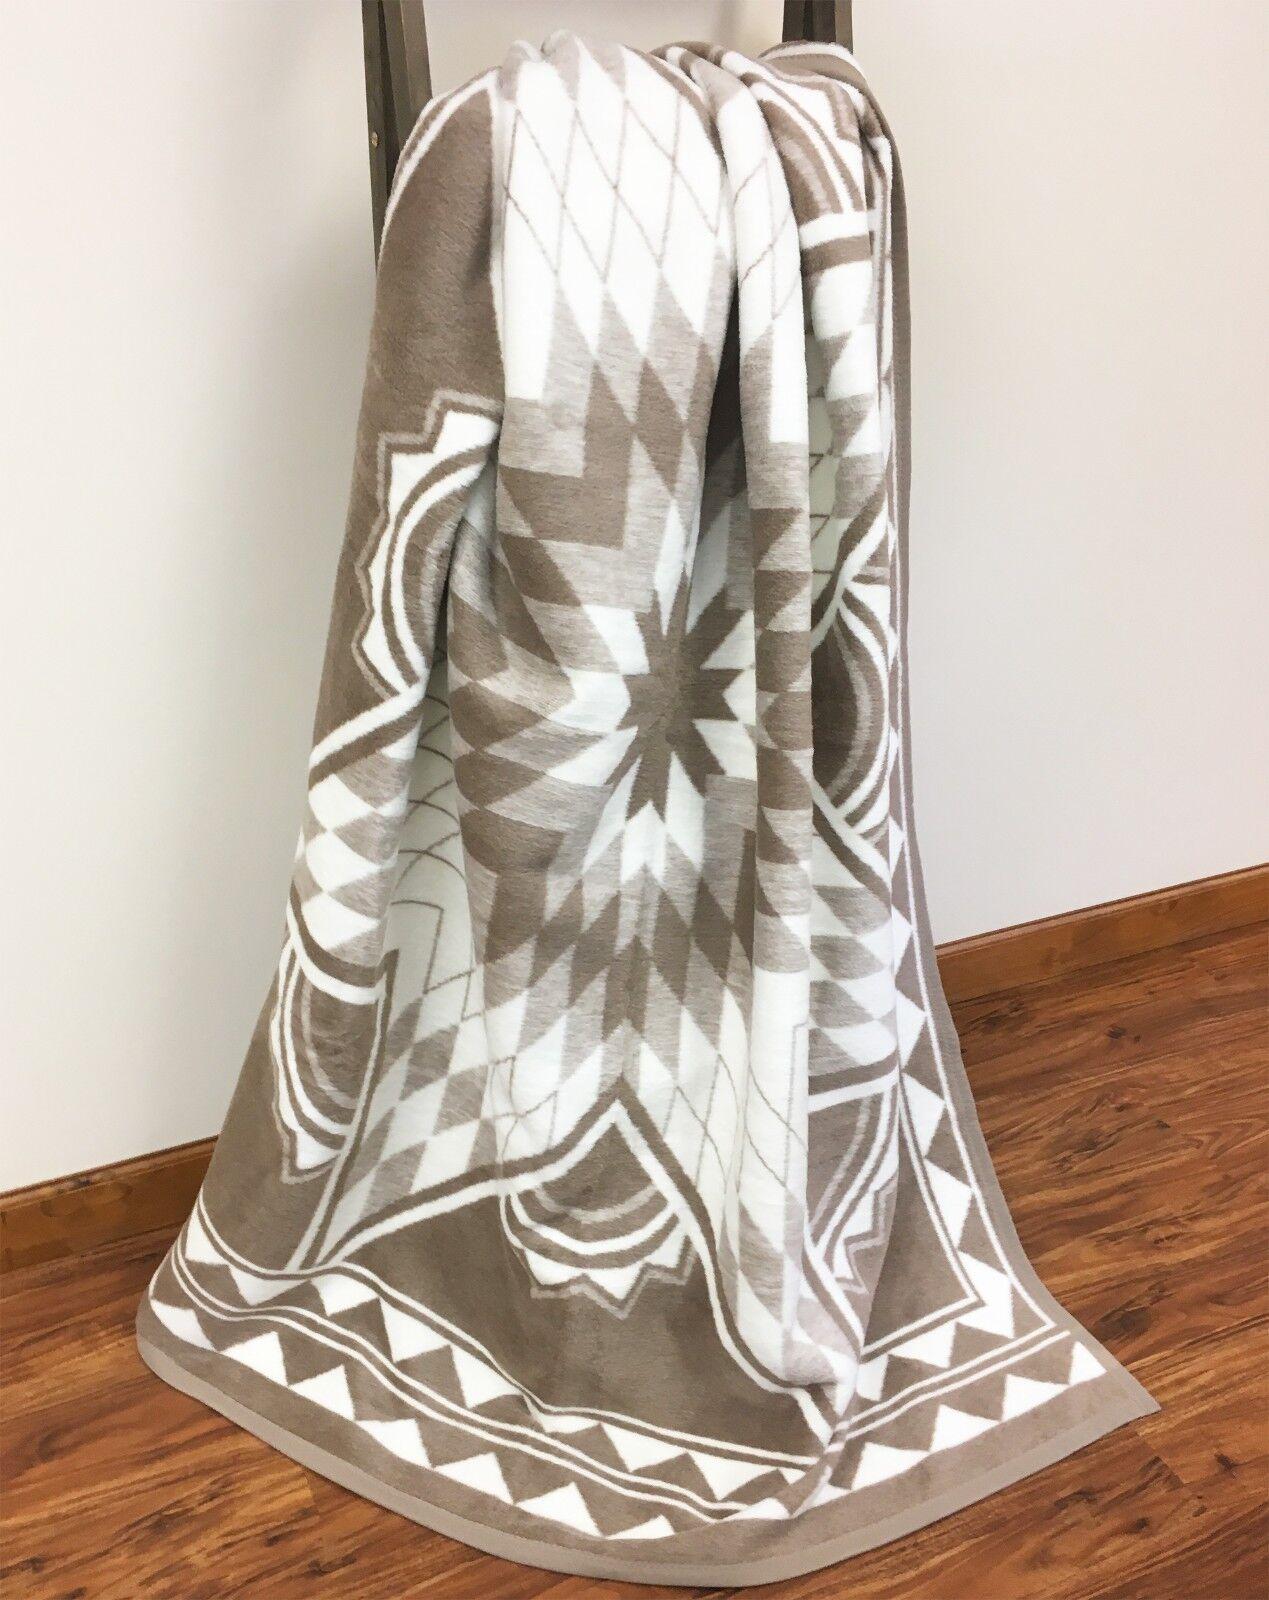 IBENA Cozy Jacquard Woven Cotton Blend Throw Blanket Quiltin